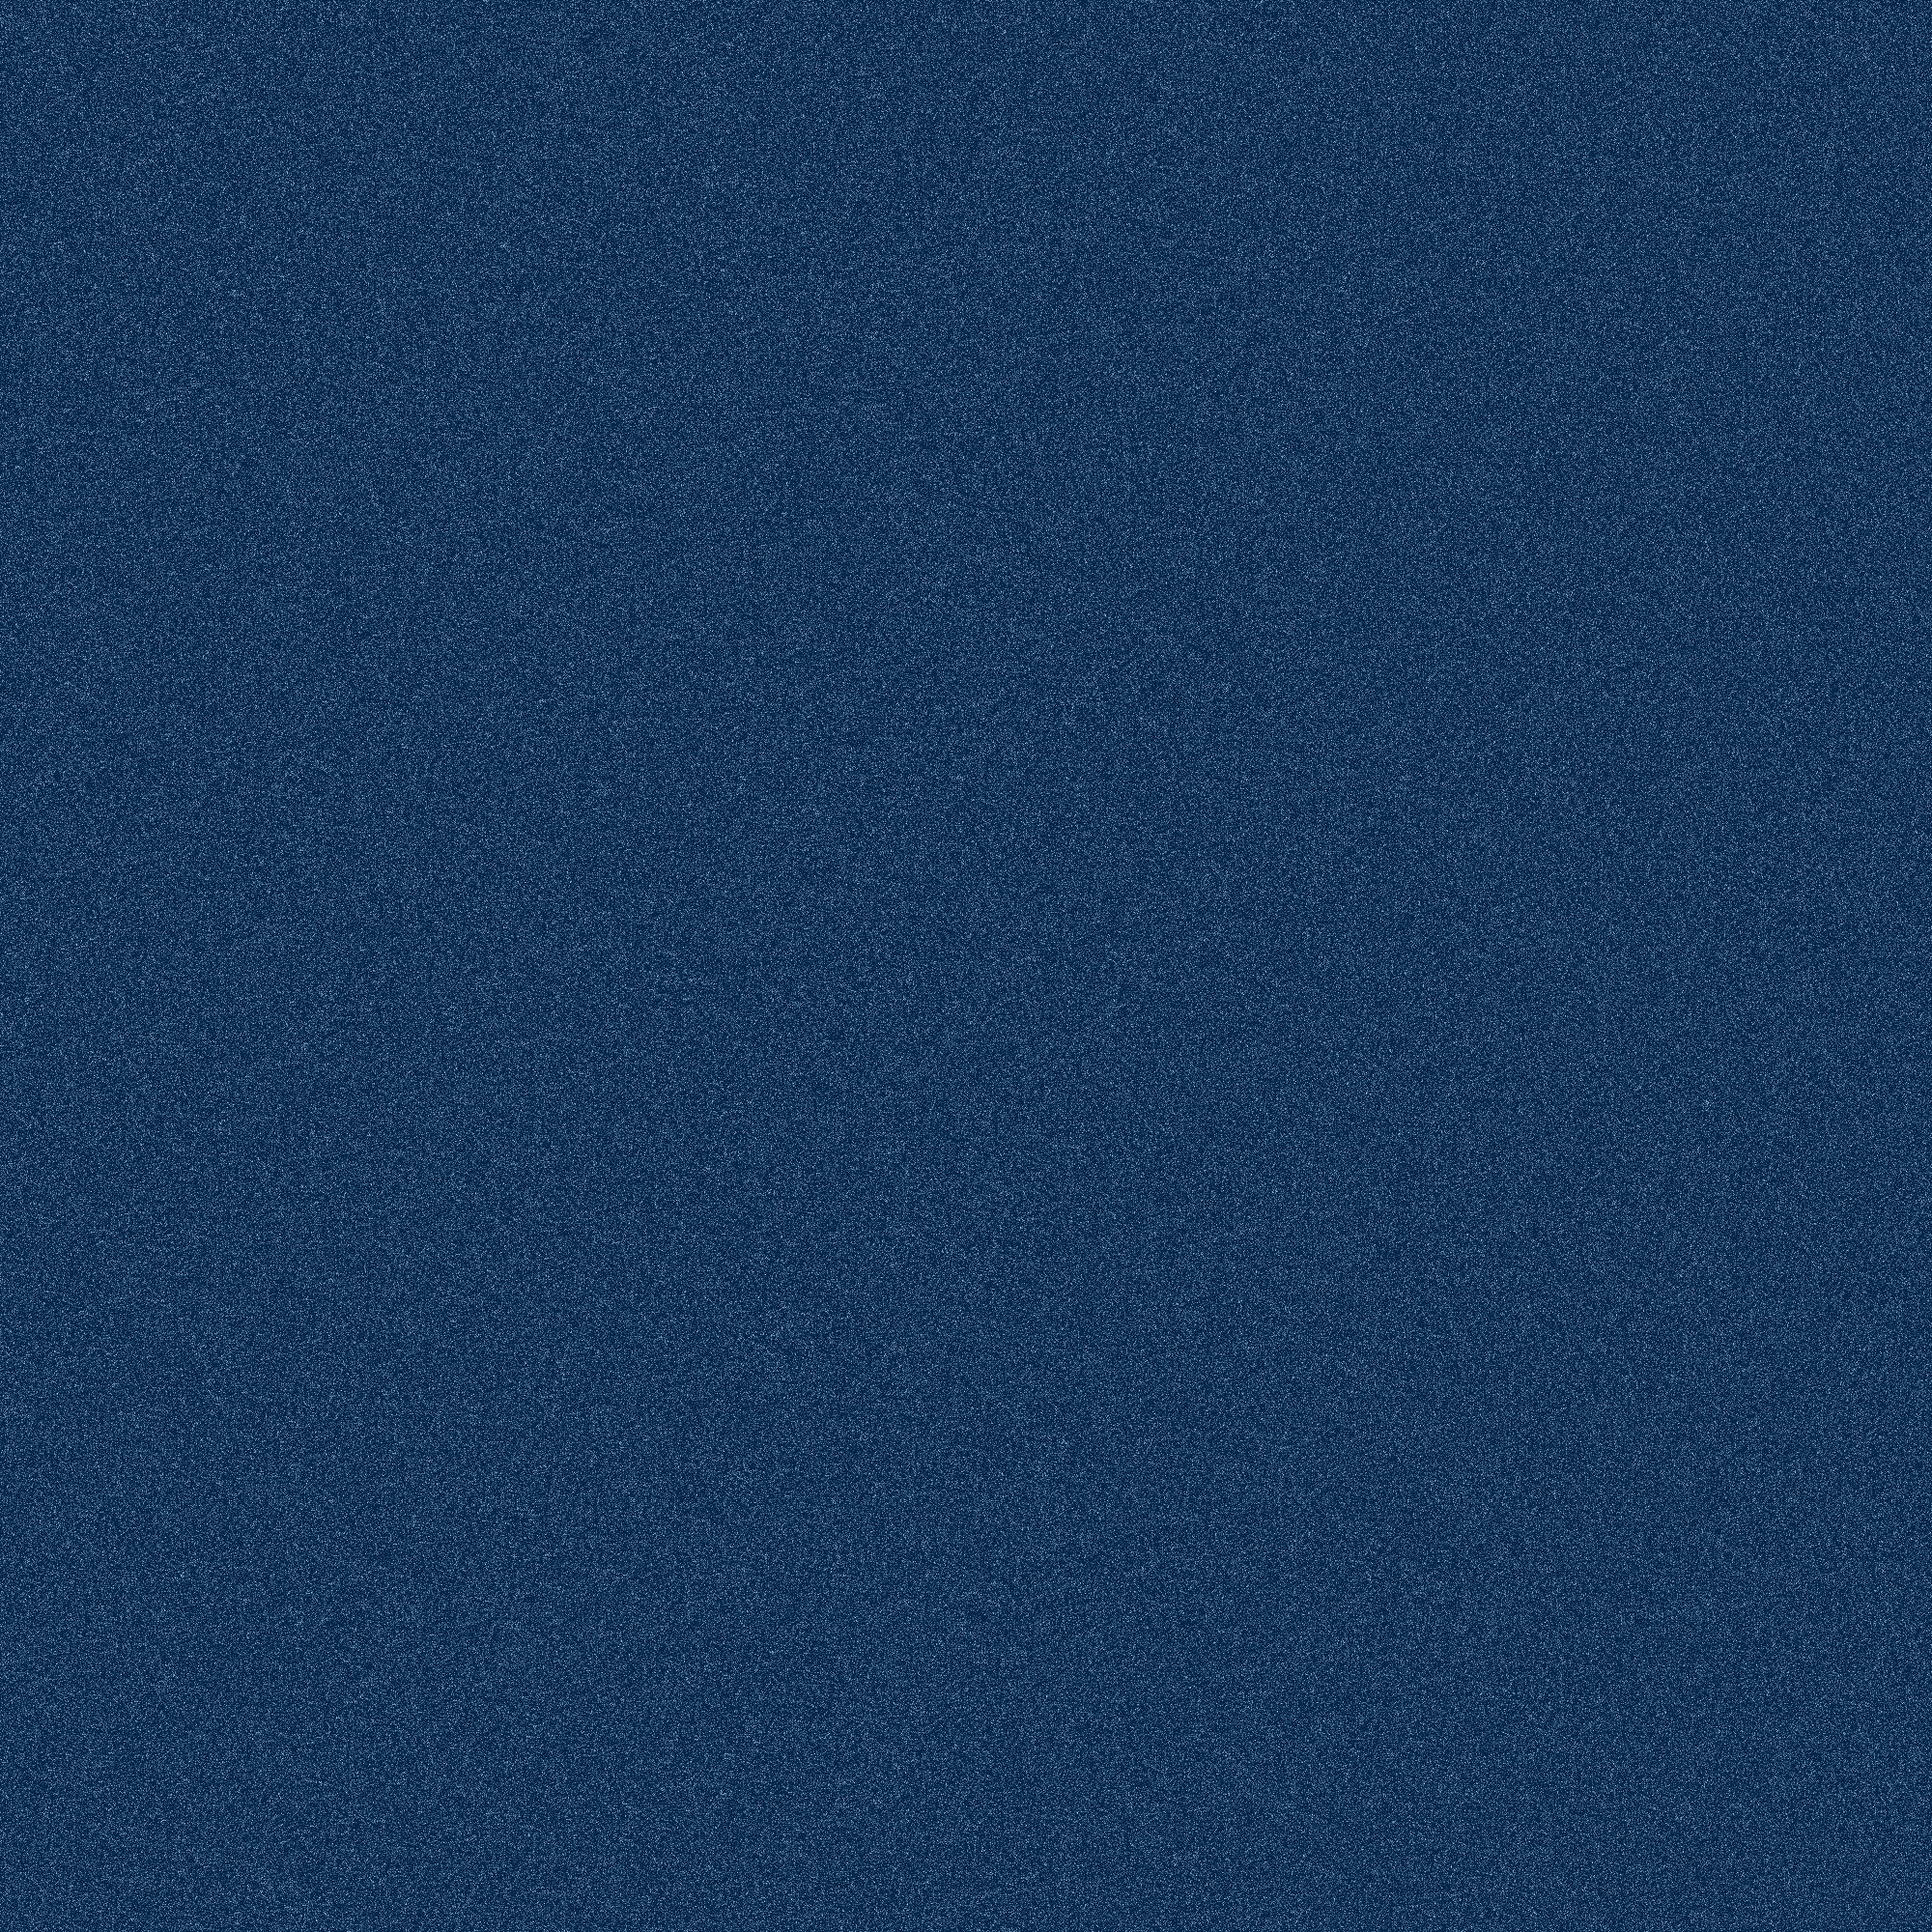 Navy blue Noise background texture PNGPublic Domain ICON PARK 2000x2000